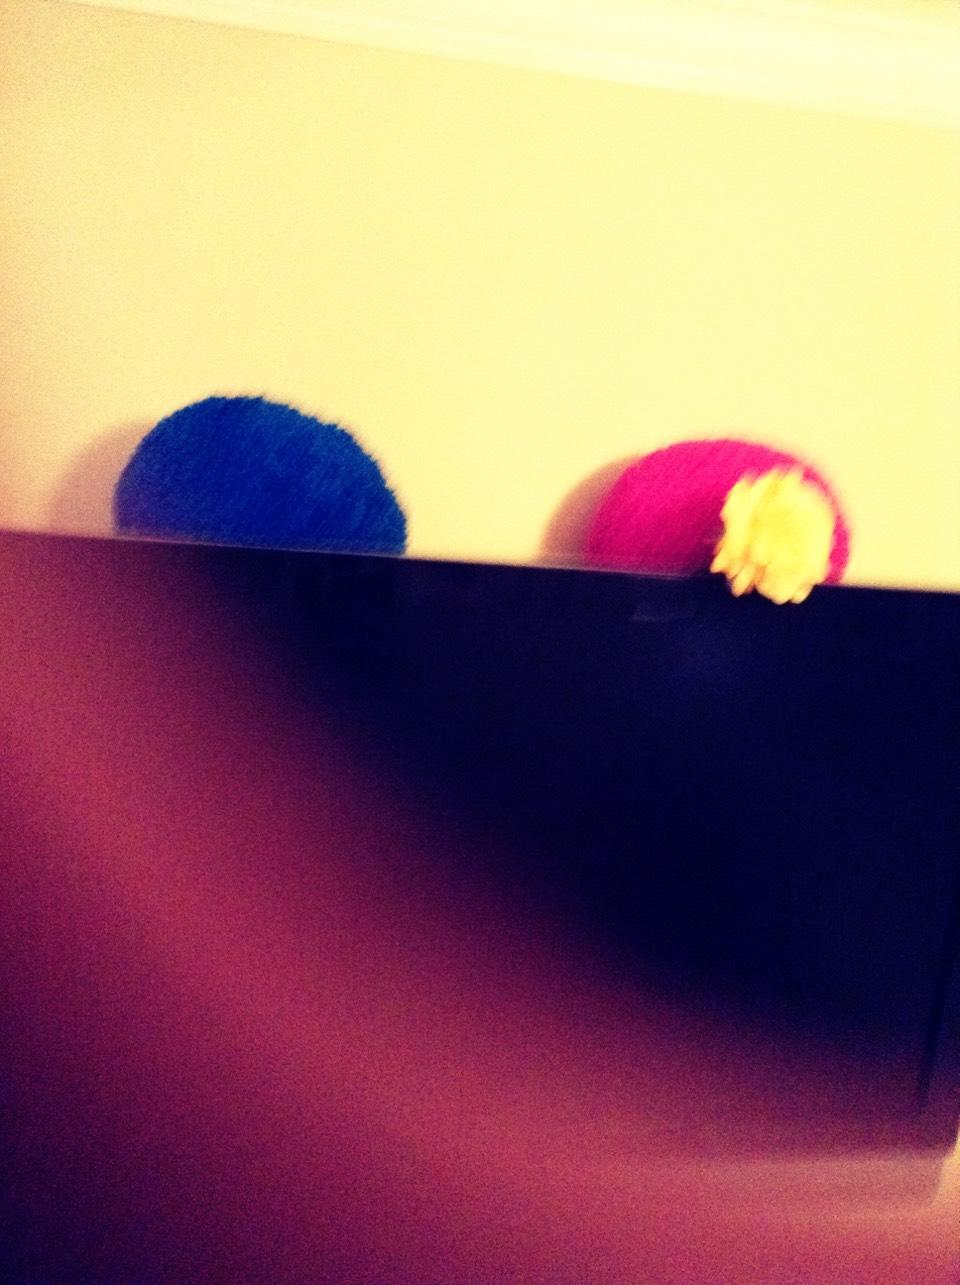 Put fun things ubove ur tv